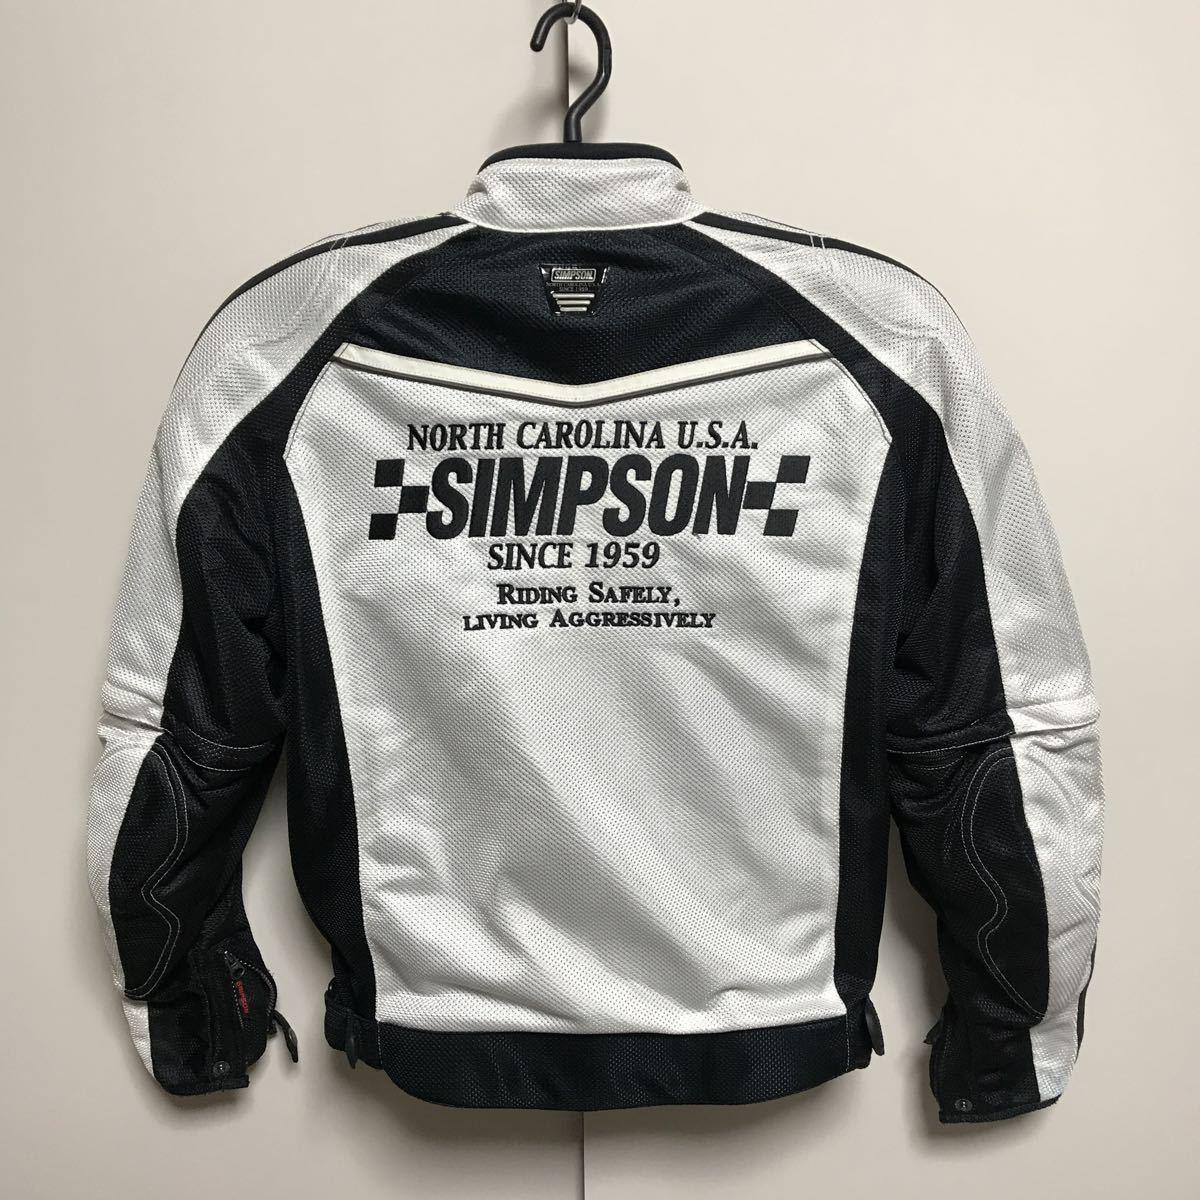 シンプソン(SIMPSON)  半袖切り替え 春夏 メッシュジャケット(メンズ) ライダースジャケット バイクウエア サイズM 中古_画像2